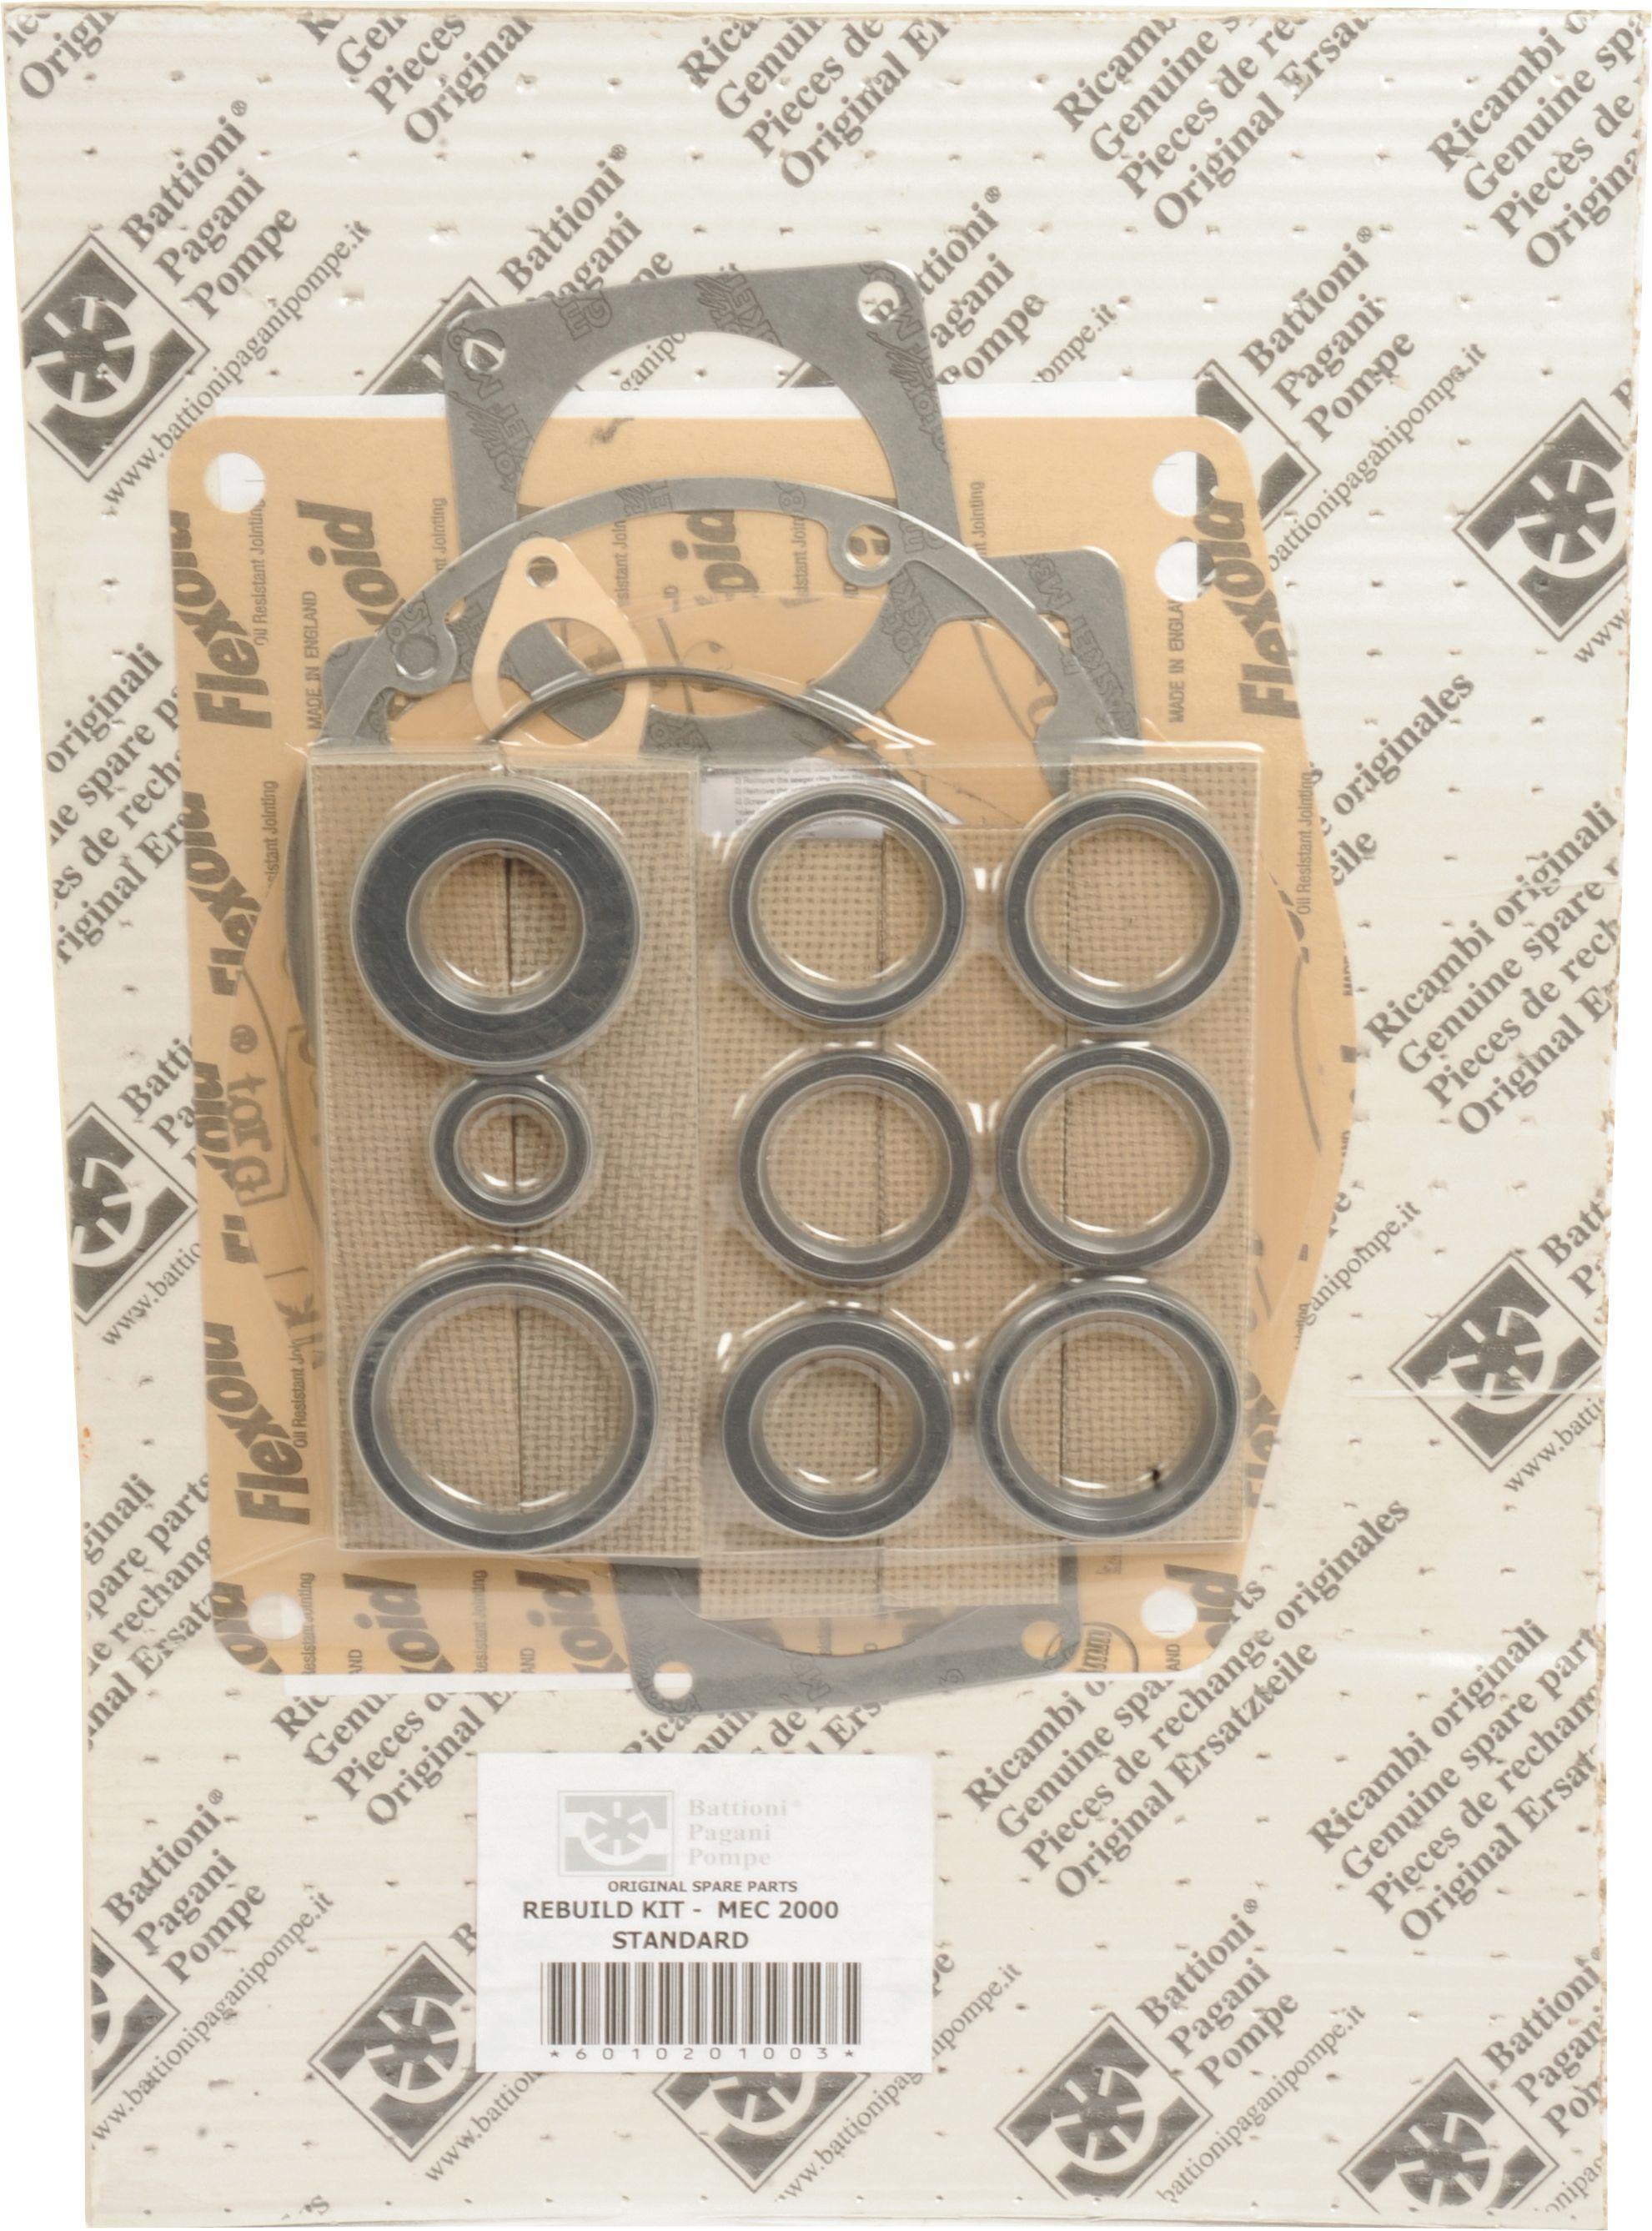 BATTIONI PAGANI POMP REBUILD KIT-MEC 2000 STD 101956